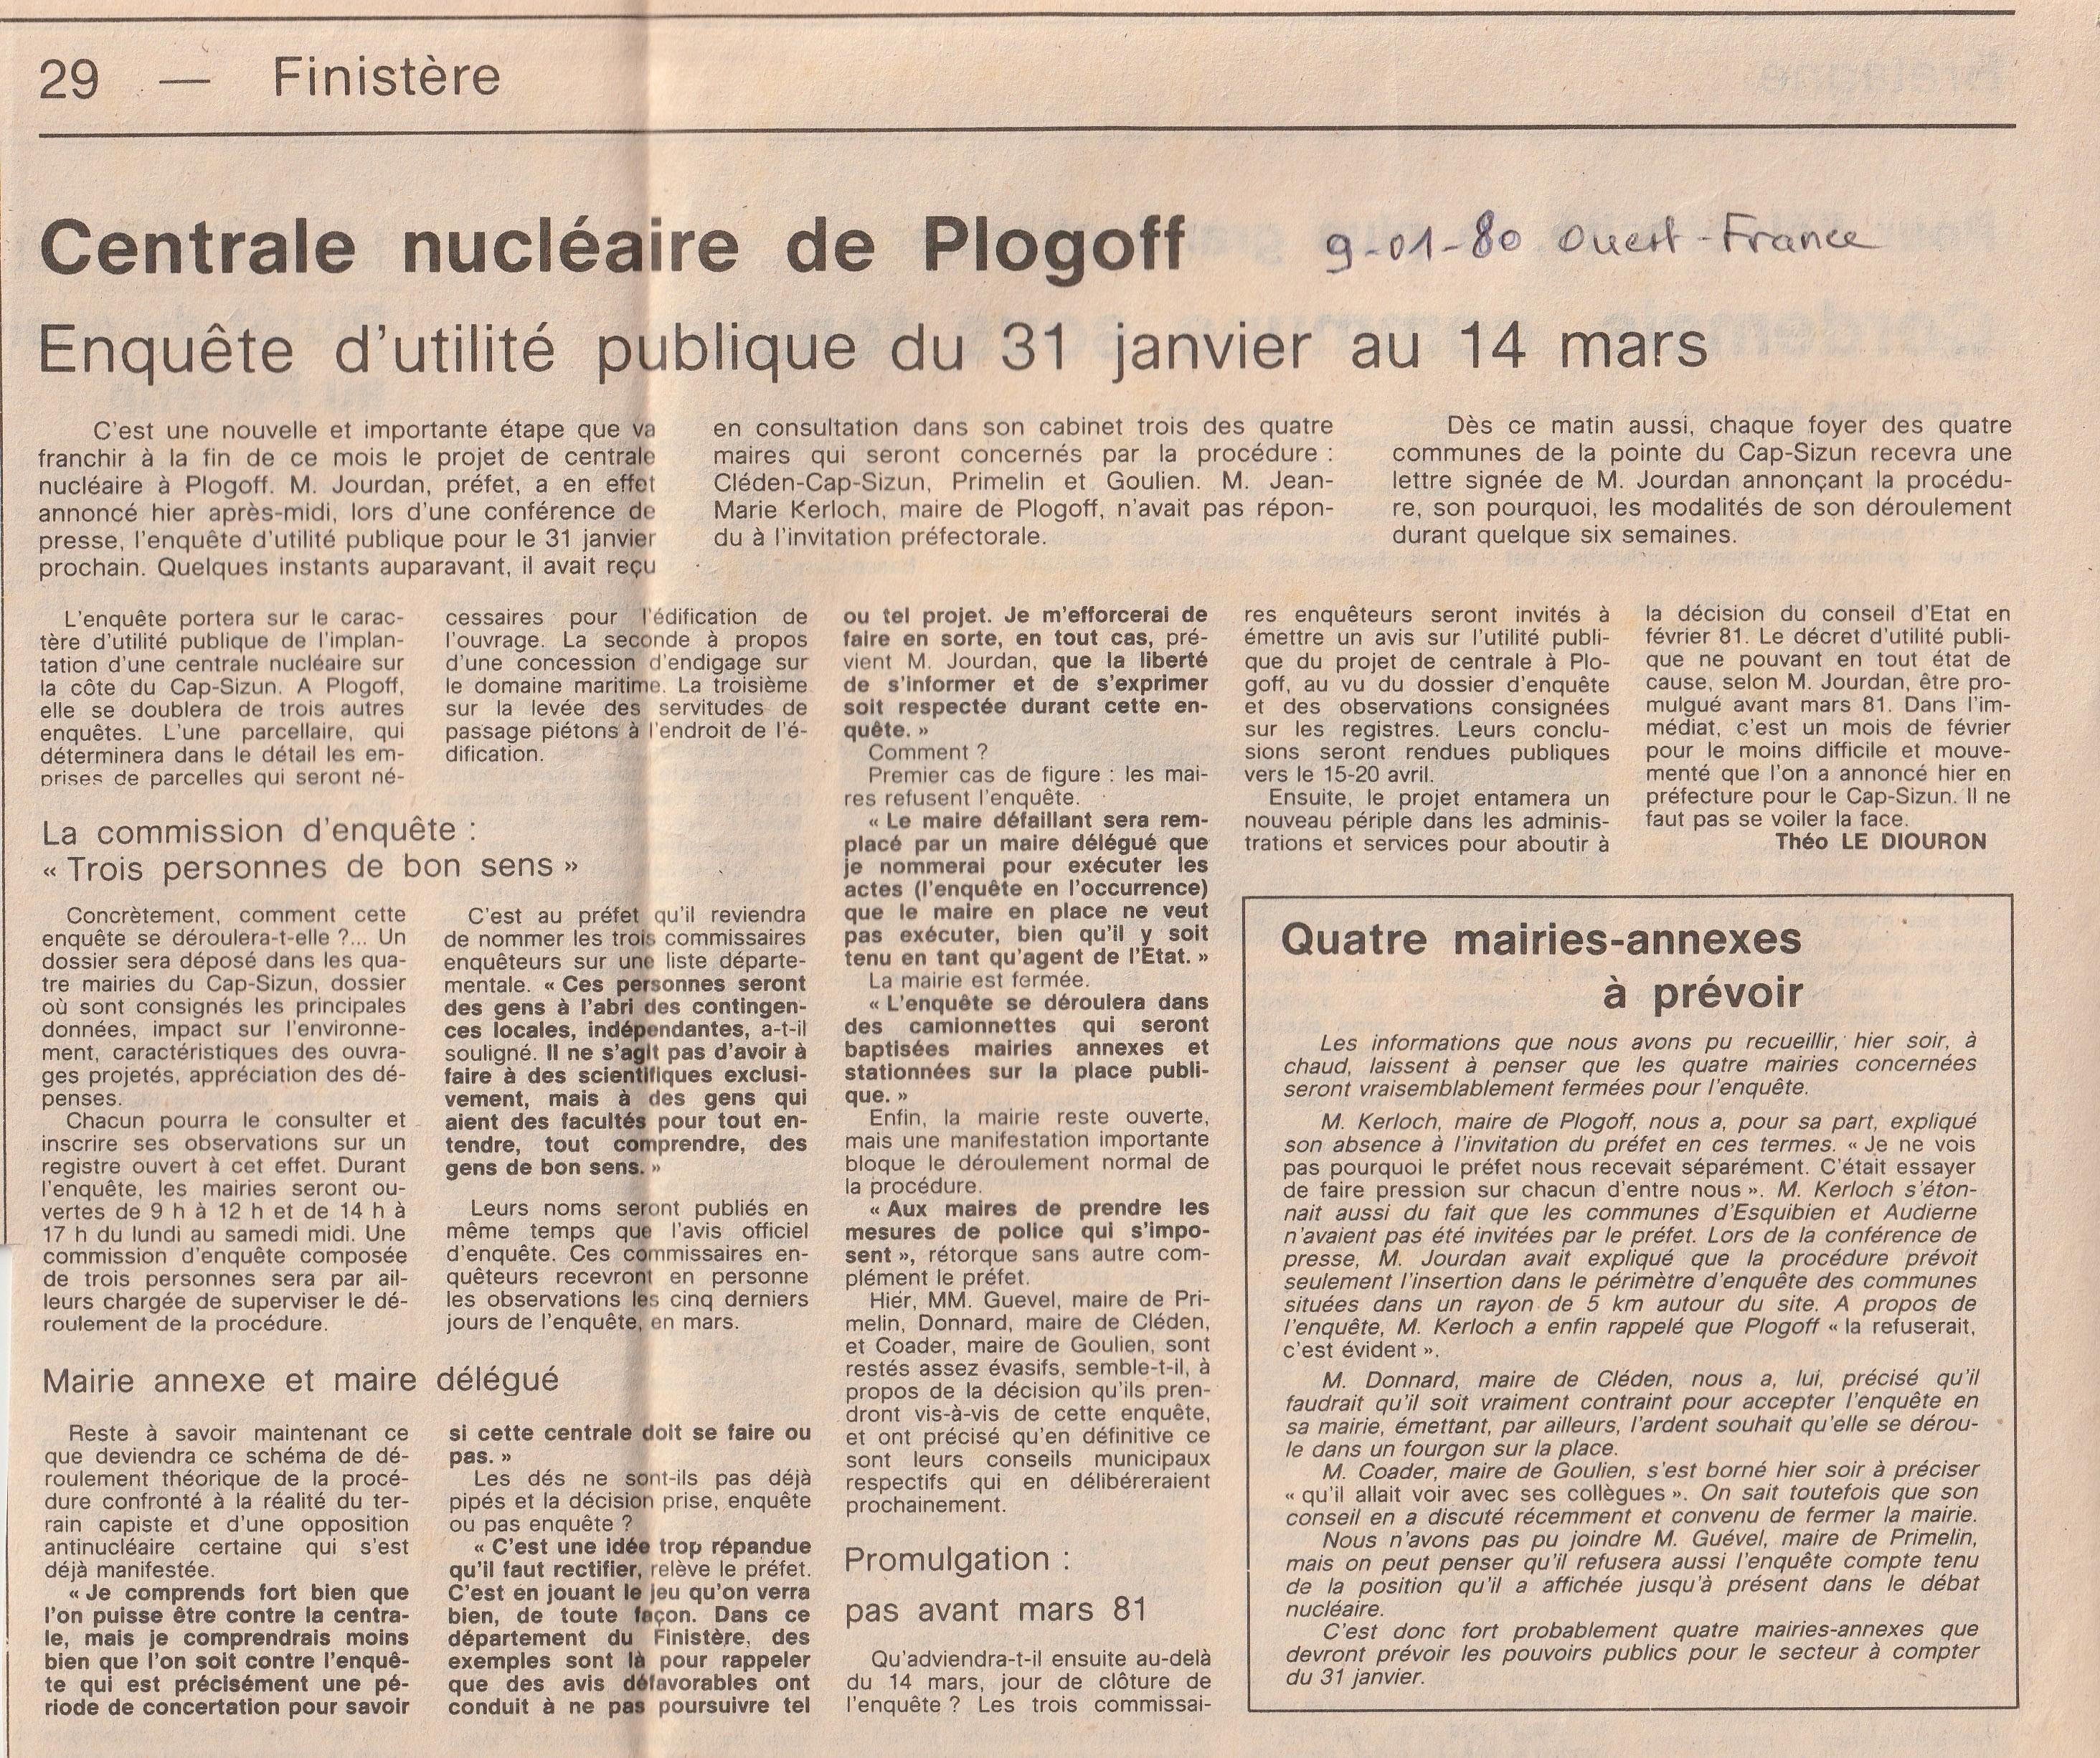 Prologue_Enquête_publique_Mairies_annexe